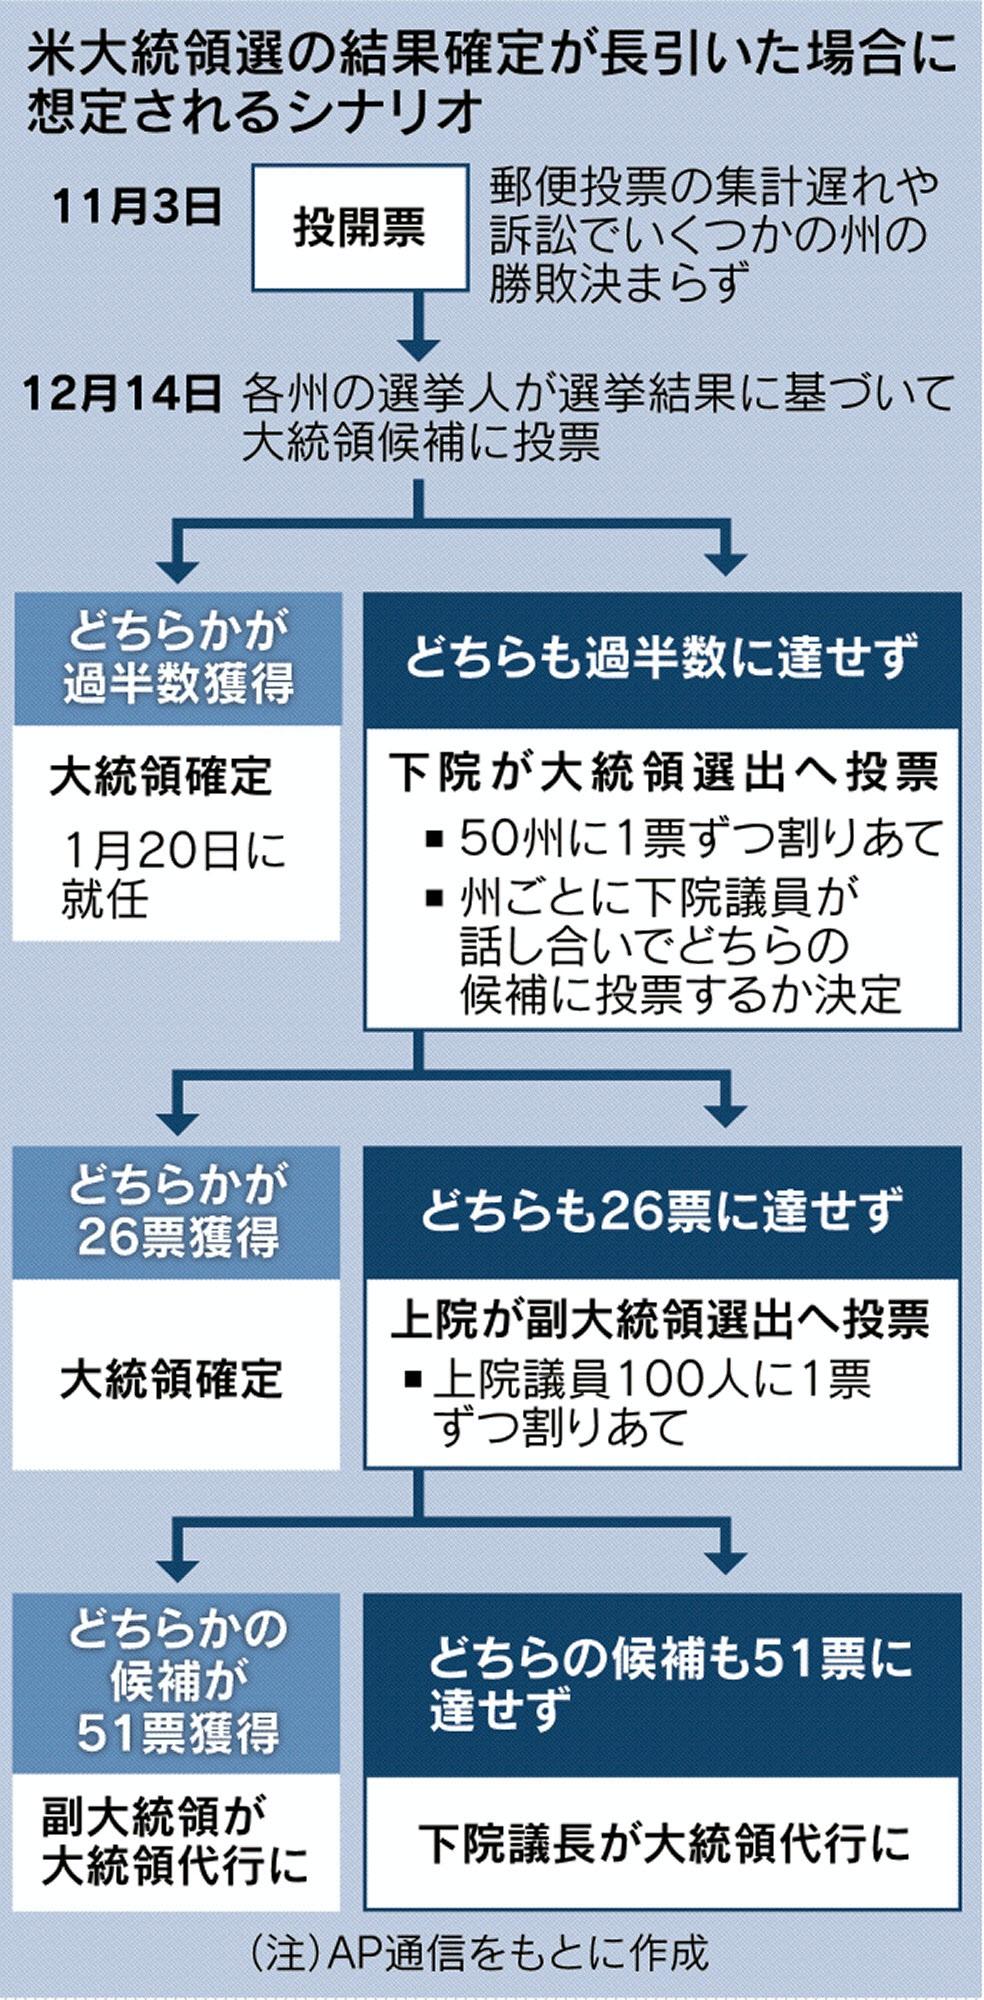 https://article-image-ix.nikkei.com/https%3A%2F%2Fimgix-proxy.n8s.jp%2FDSXMZO6427819025092020EA4002-1.jpg?w=984&h=2000&auto=format%2Ccompress&ch=Width%2CDPR&q=100&fit=crop&crop=faces%2Cedges&ixlib=js-1.4.1&s=57aa1e911e2b8272a7f47246b7a7e379